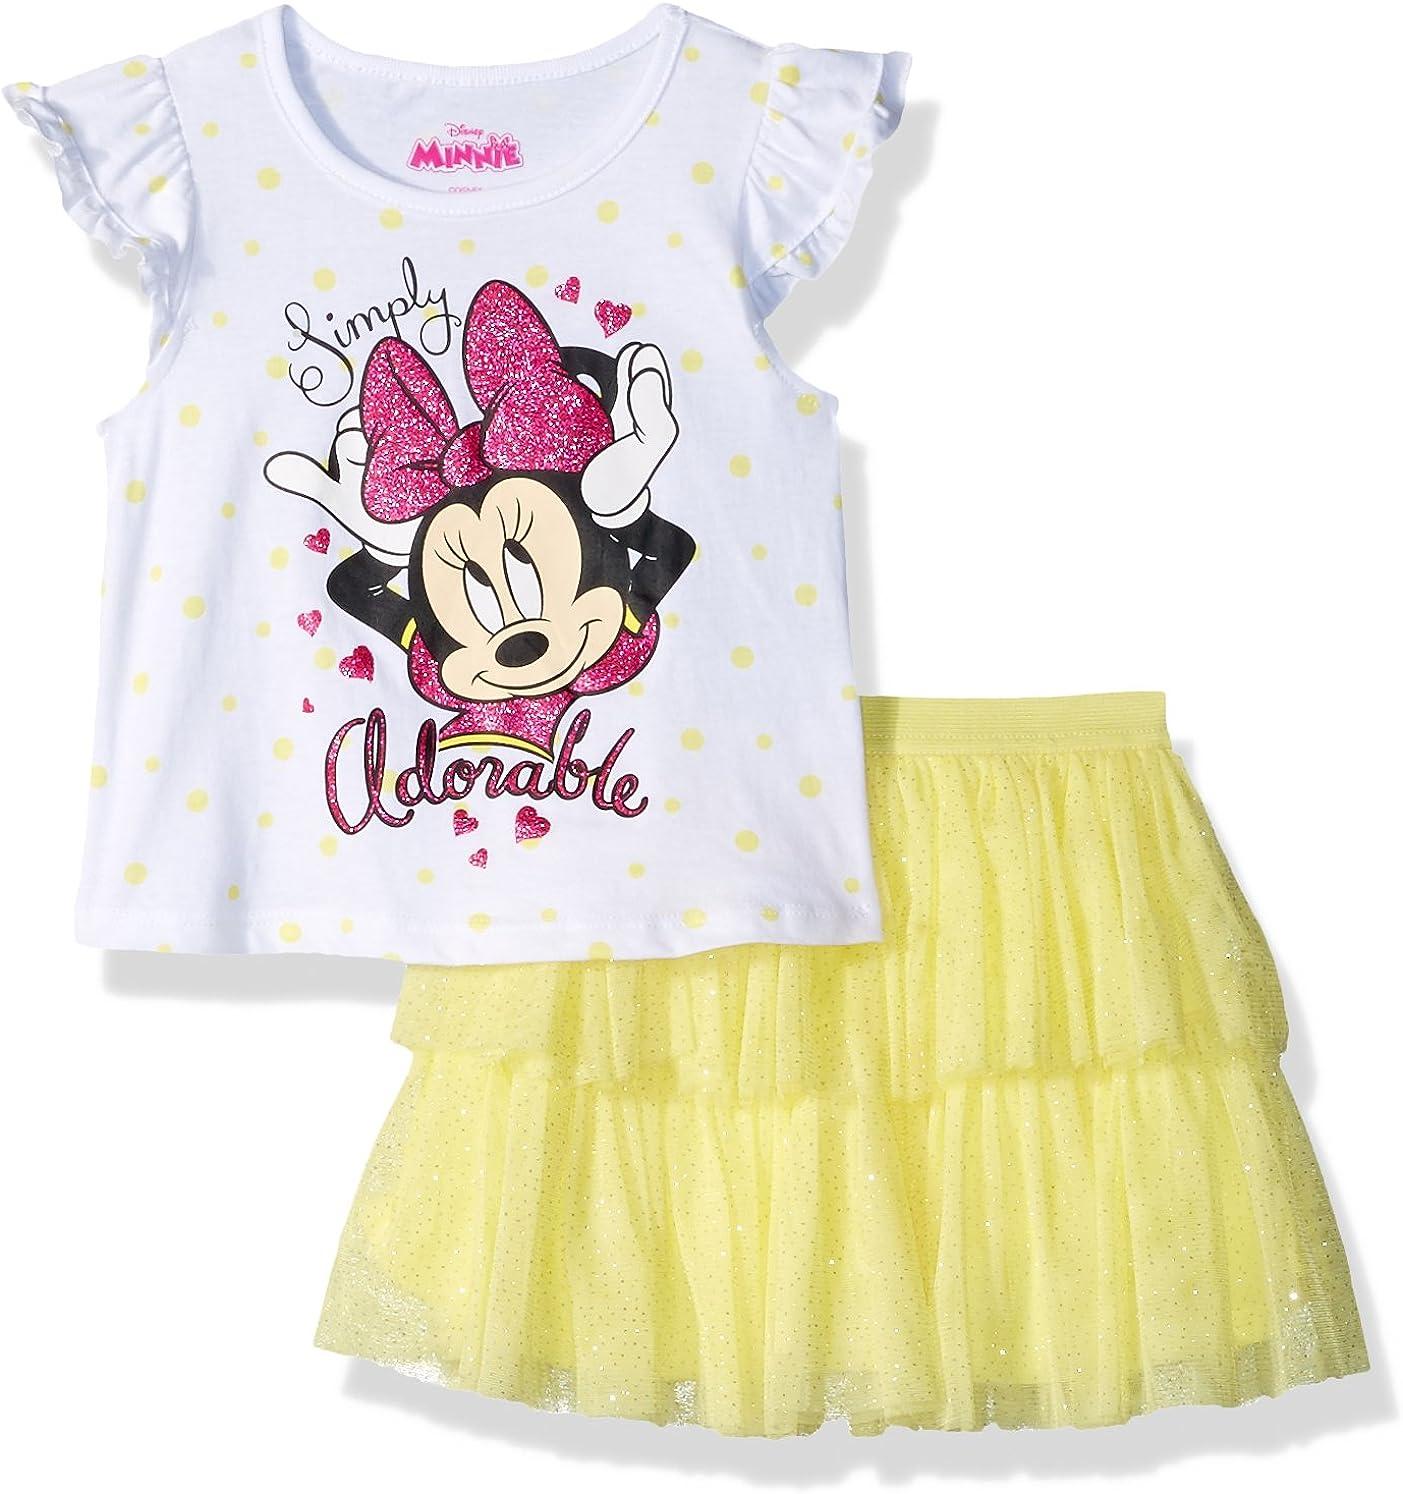 Flower Tiger My Little Black Dress Letter Print Romper Bowknot Tutu Skirt Bodysuit Jumpsuit for Baby Girls